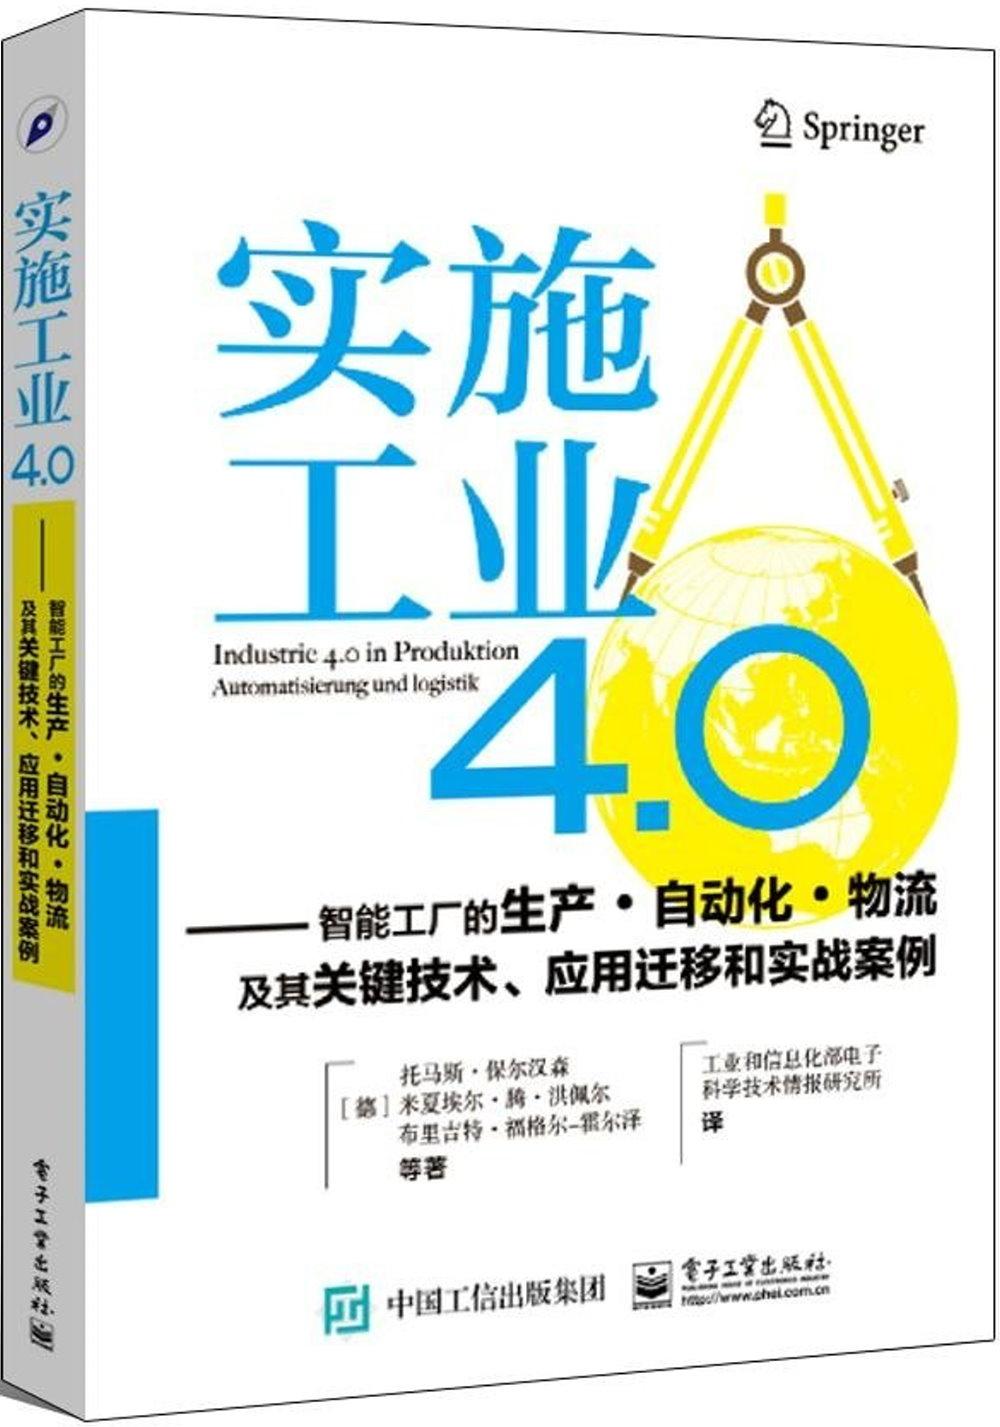 實施工業4.0:智能工廠的生產·自動化·物流及其關鍵技術、應用遷移和實戰案例